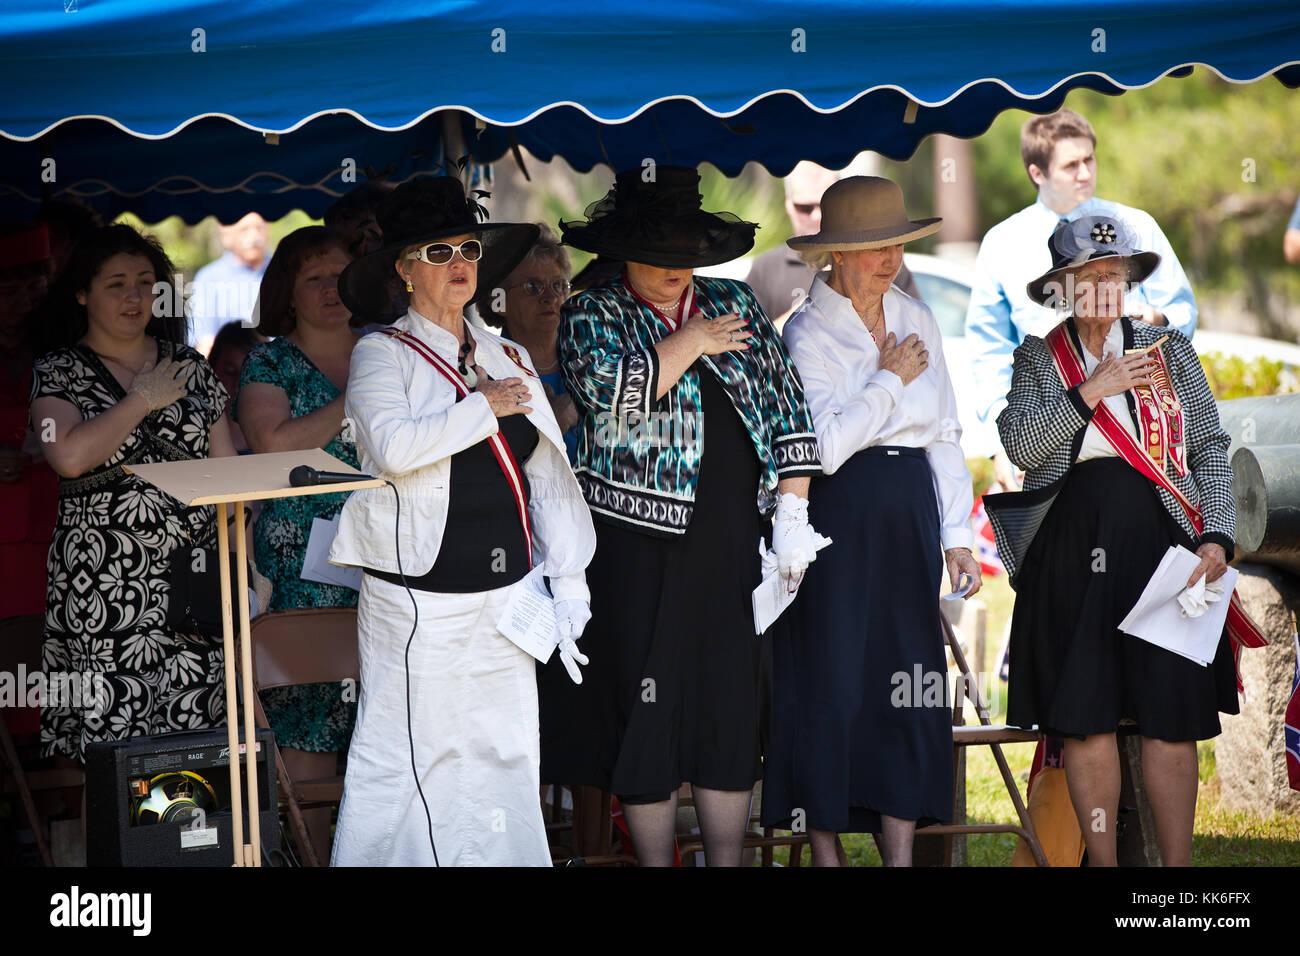 Los miembros de la compañía de las hijas de la confederación llevar una prenda en magnolia cementerio para marcar Confederate Memorial Day en mayo 10, 2011 en Charleston, Carolina del Sur. Carolina del Sur es uno de los tres estados que marca el día como un día festivo. Foto de stock